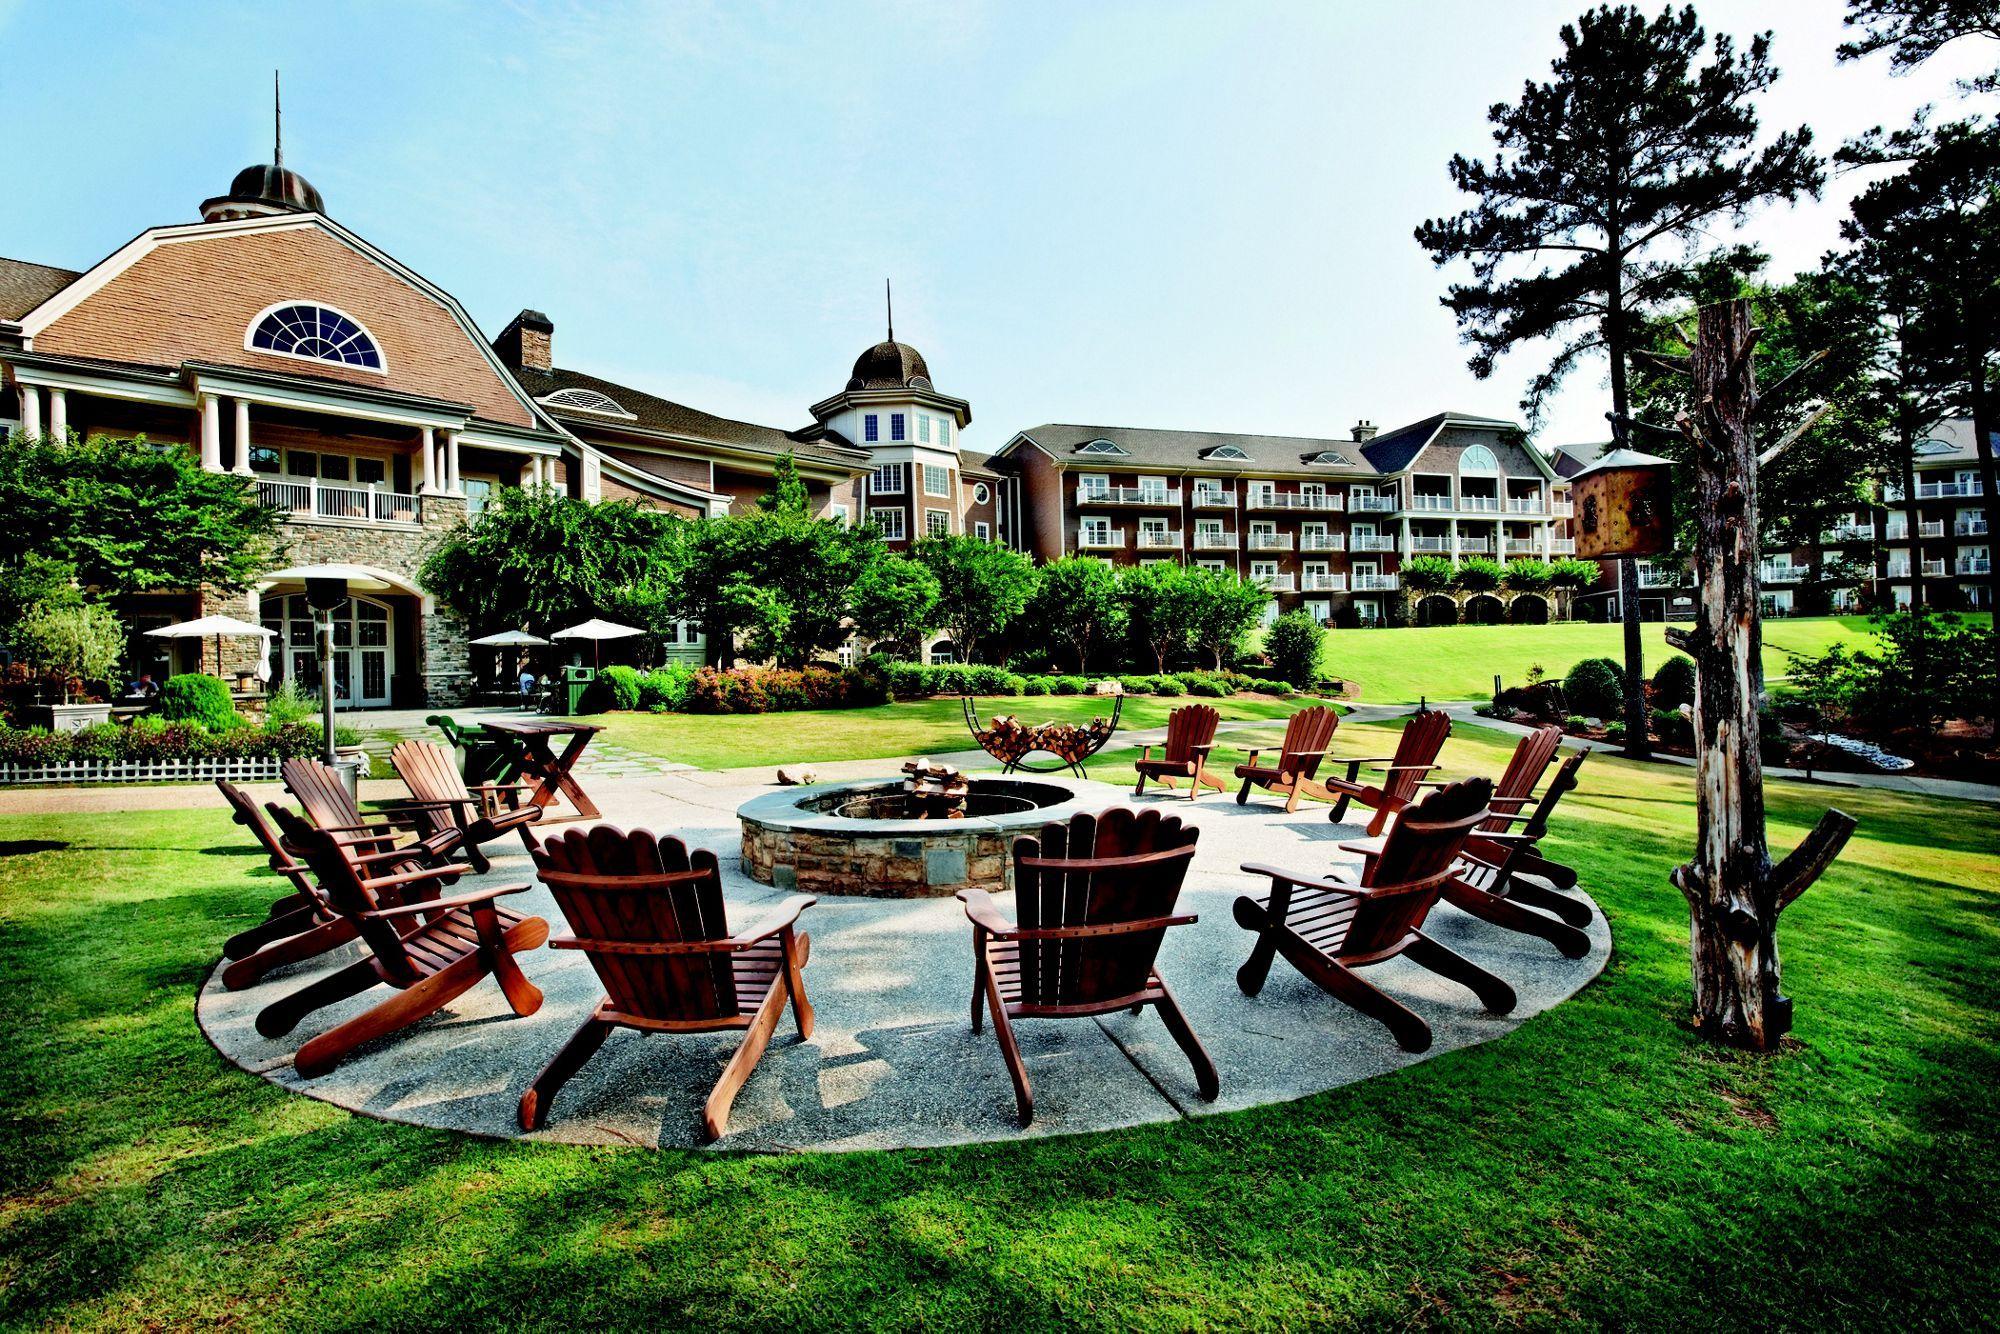 RitzCarlton Reynolds, Lake Oconee Resorts in